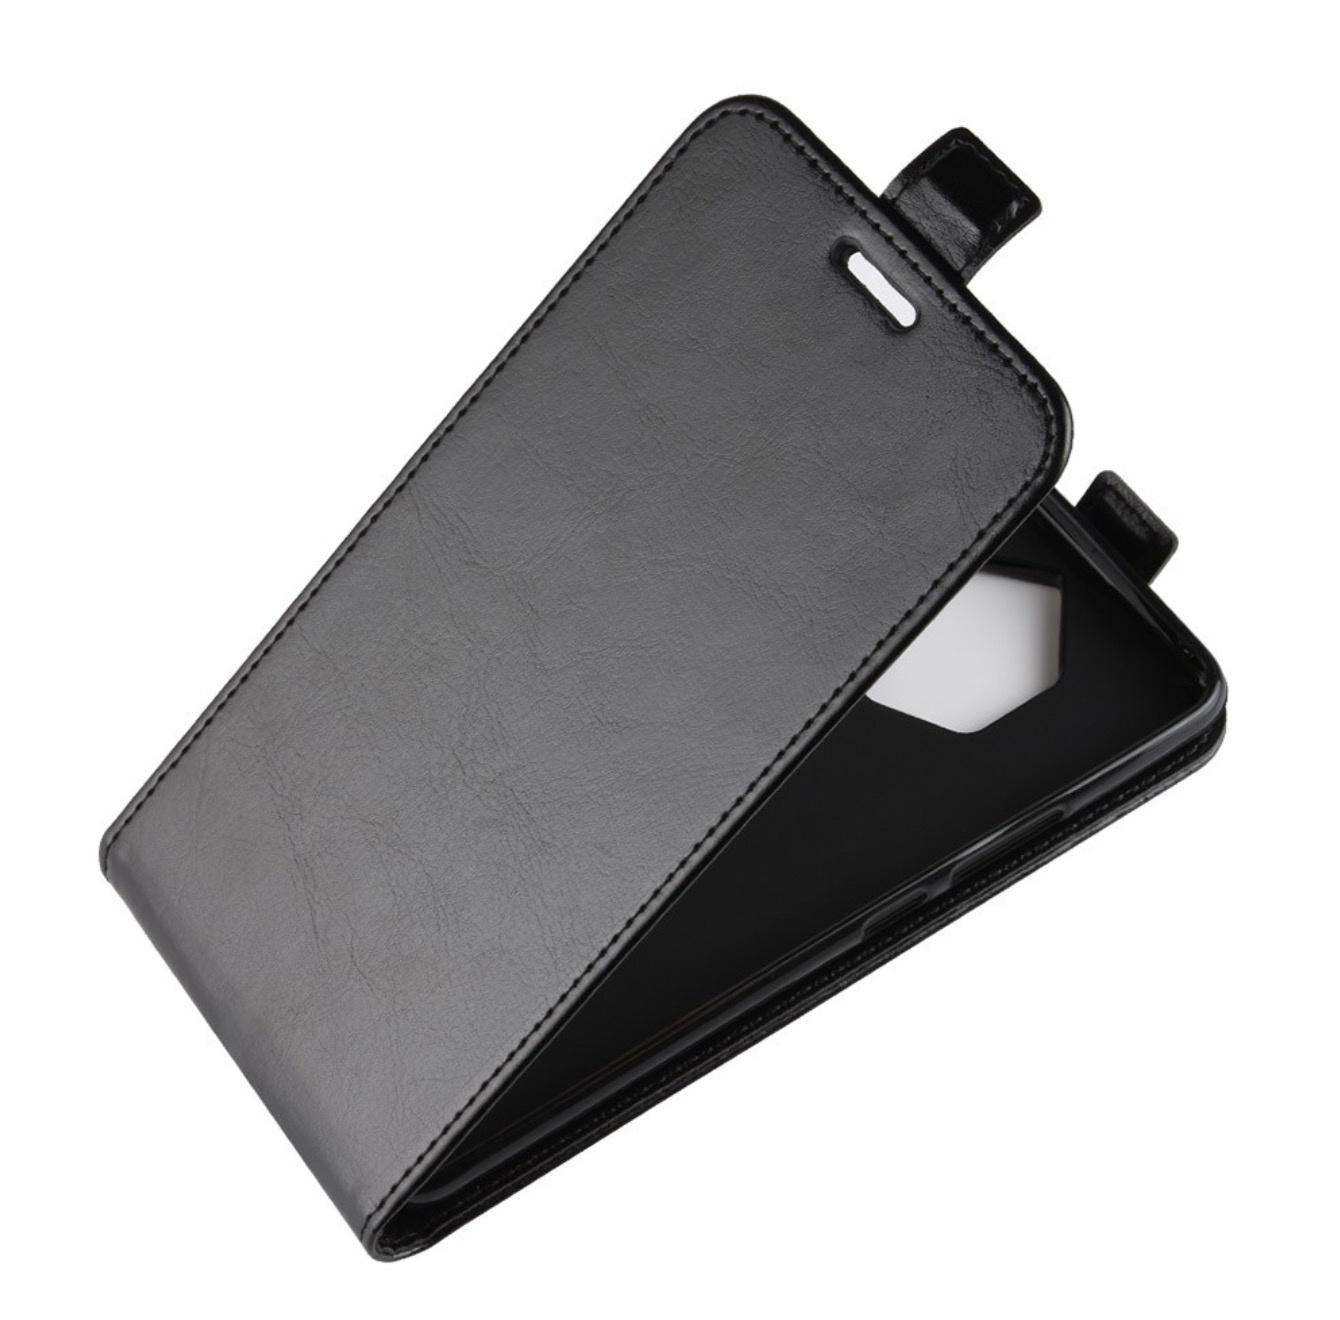 Чехол-флип MyPads для Micromax A69 Bolt вертикальный откидной черный